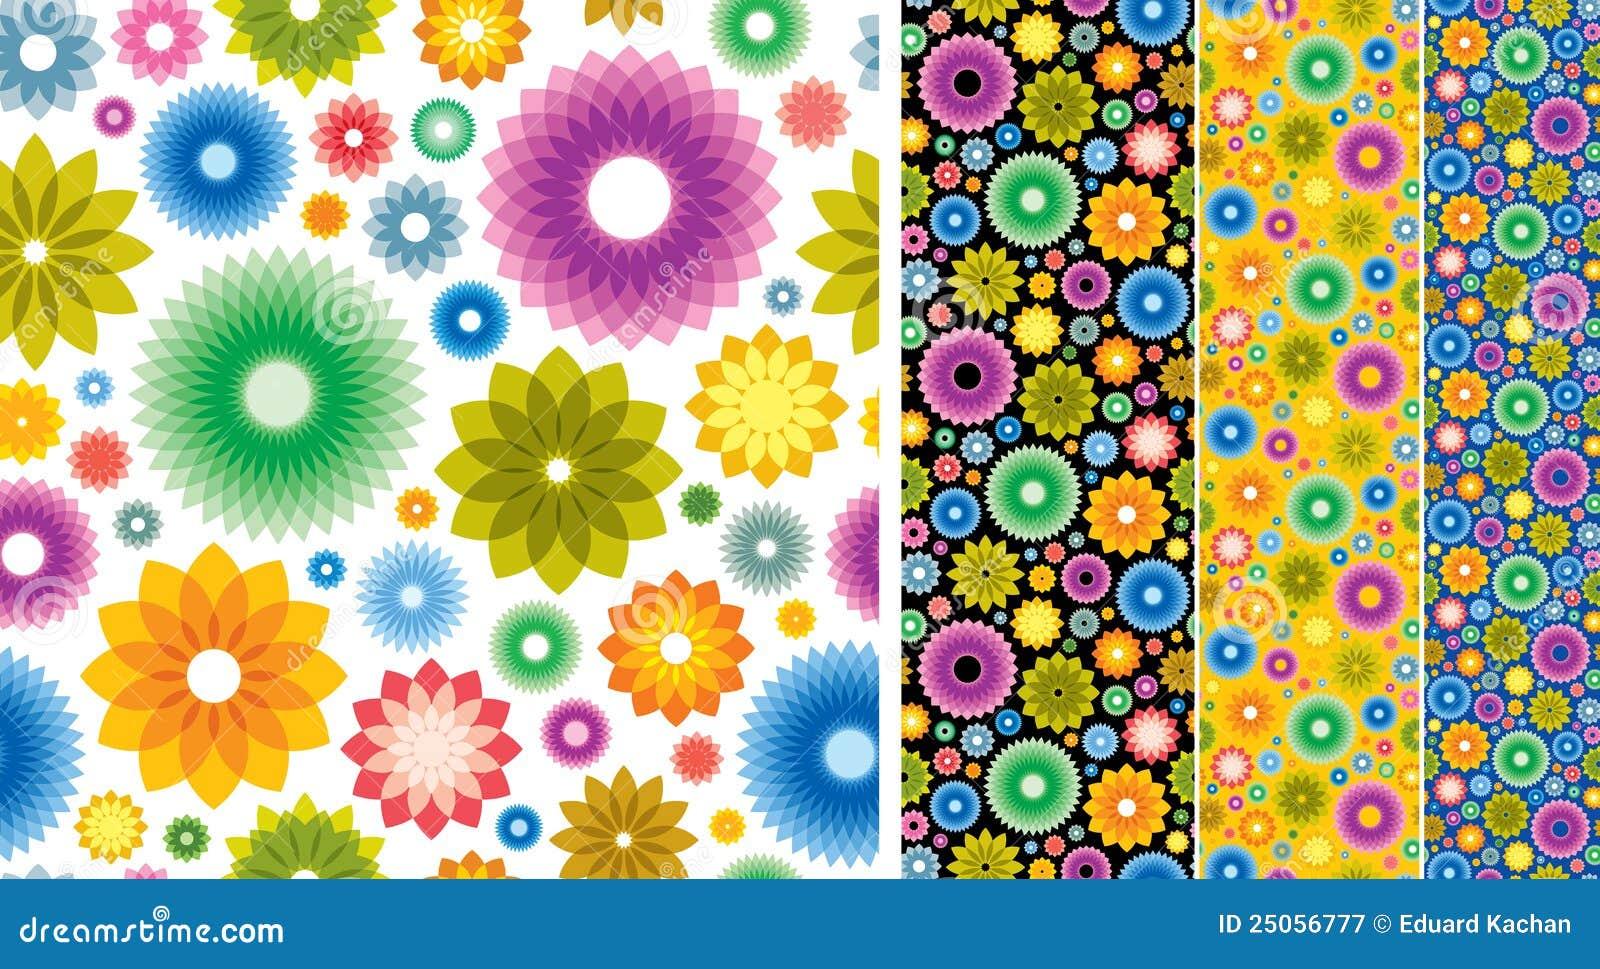 fond de papier peint de fleur photographie stock libre de droits image 25056777. Black Bedroom Furniture Sets. Home Design Ideas